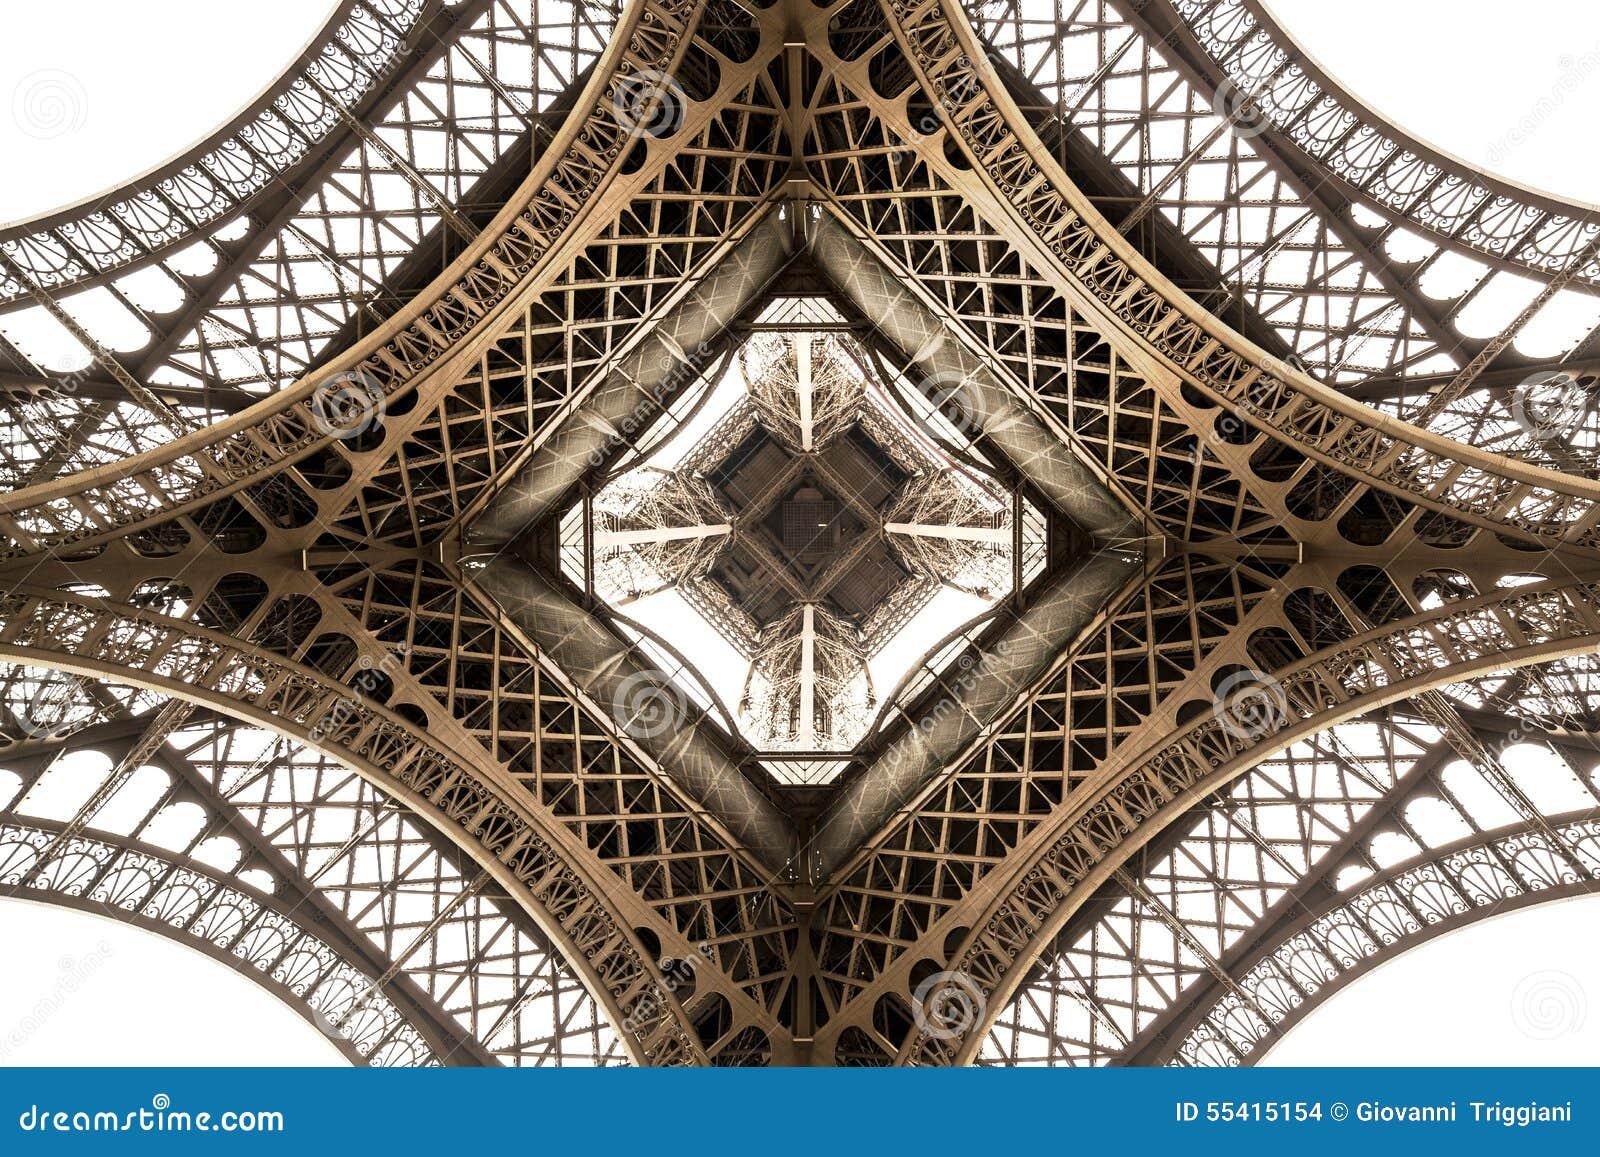 Eiffel tower architecture detail bottom view unique for Eiffel architect